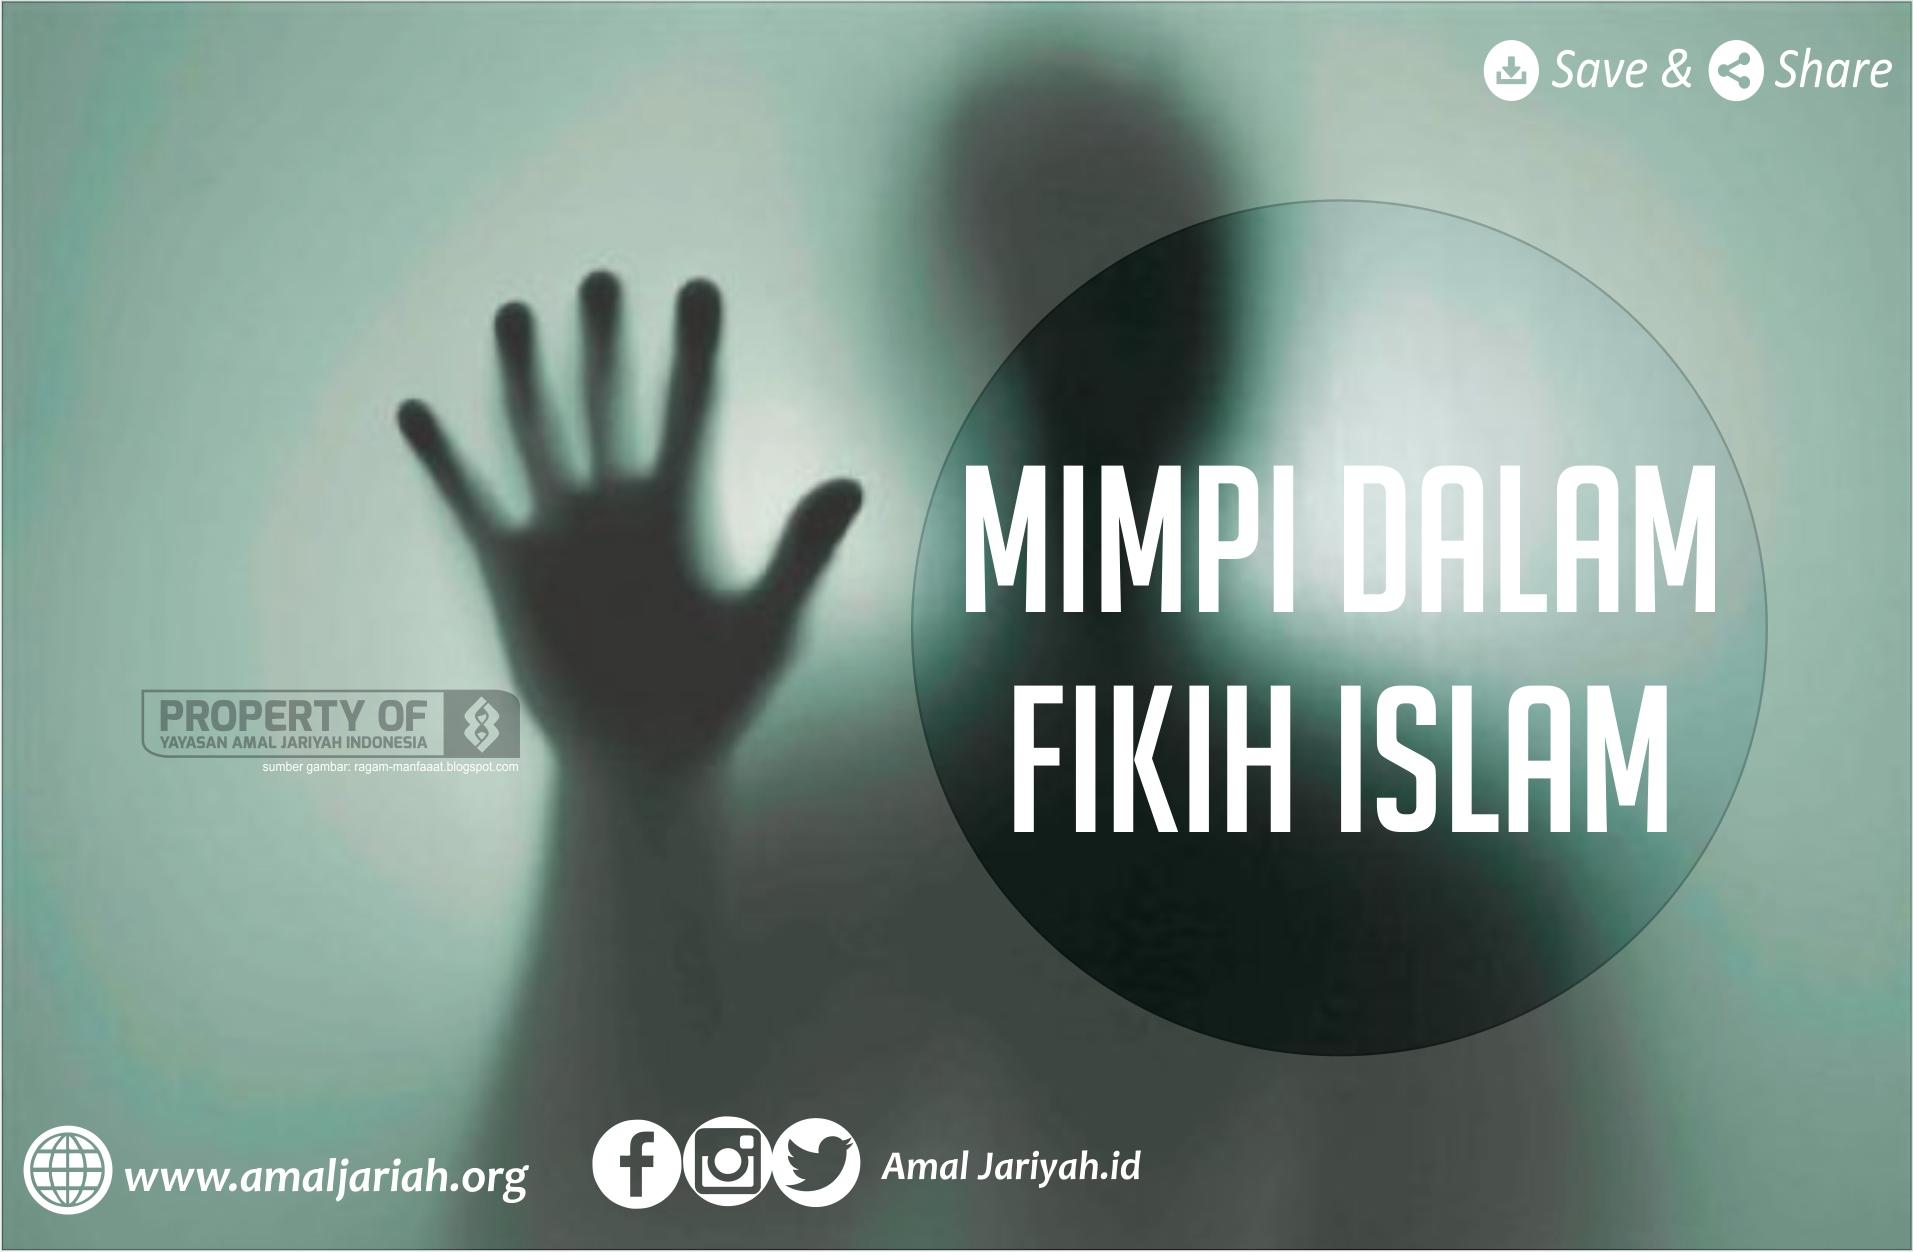 Mimpi Dalam Fikih Islam